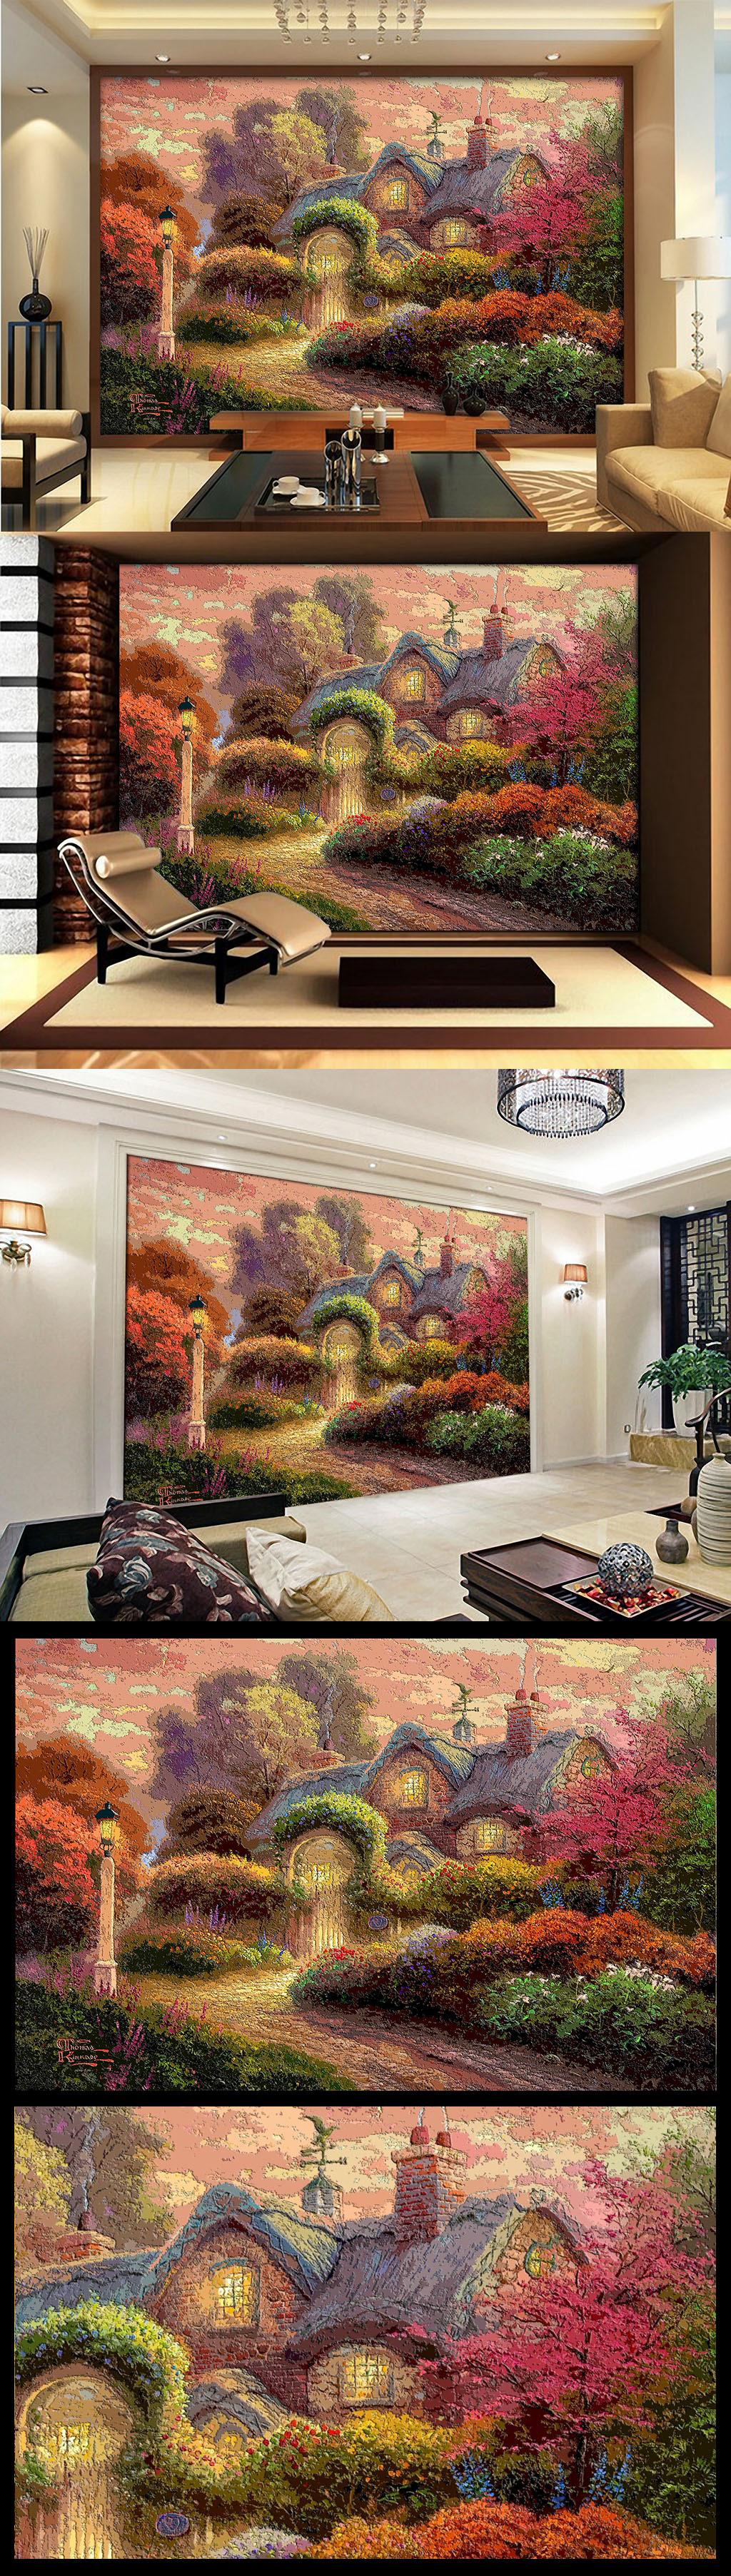 木雕木刻效果欧美乡村农家小屋油画电视墙